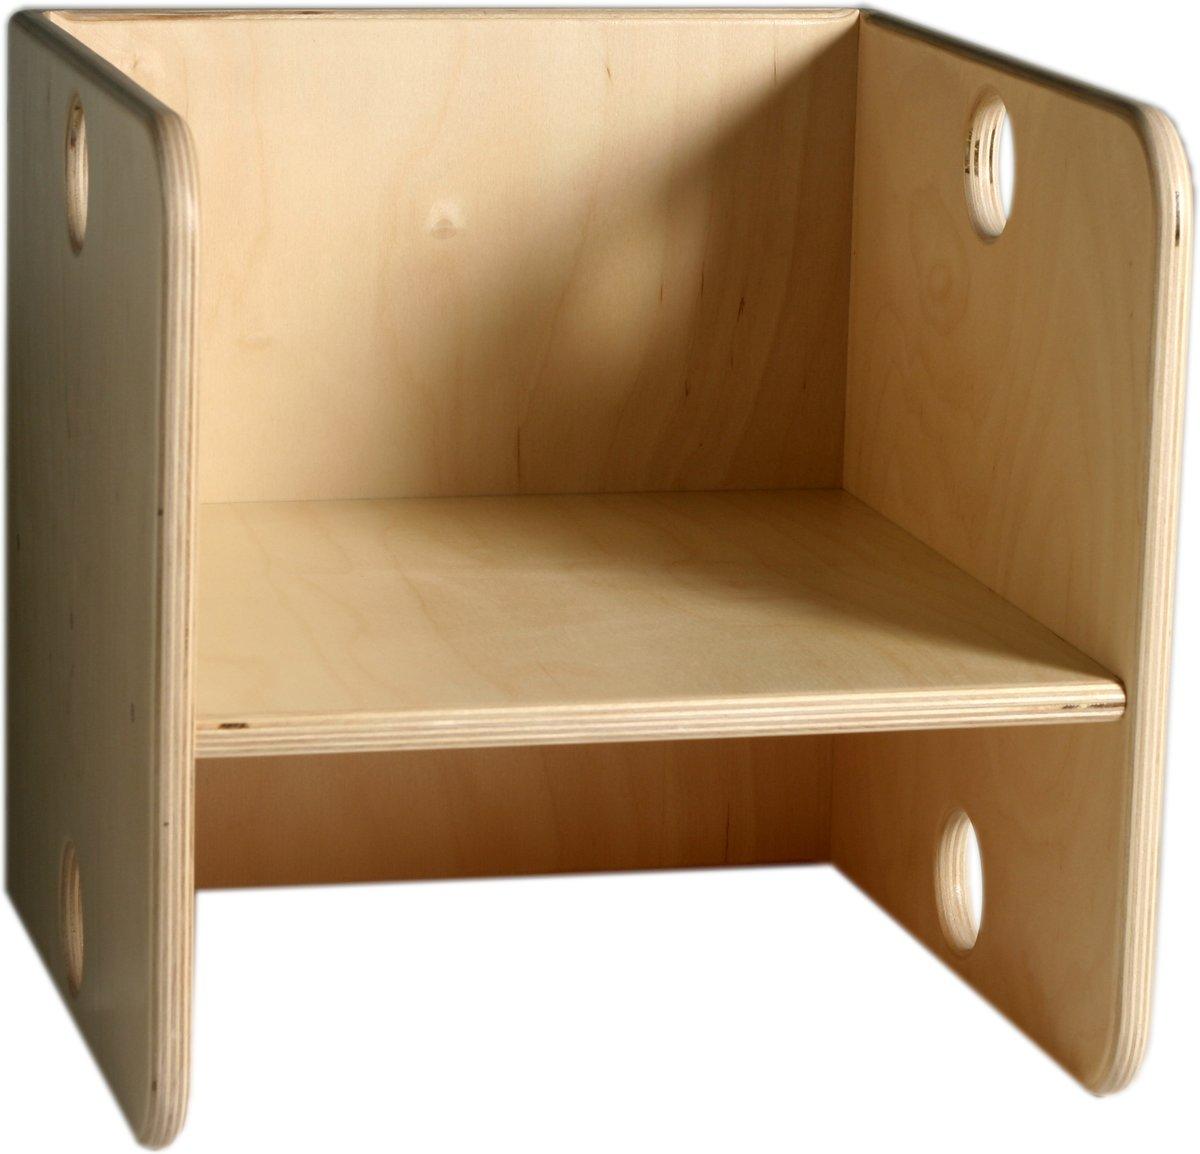 ADO houten Kubusstoel voor kleuters 36x36x36 cm kopen